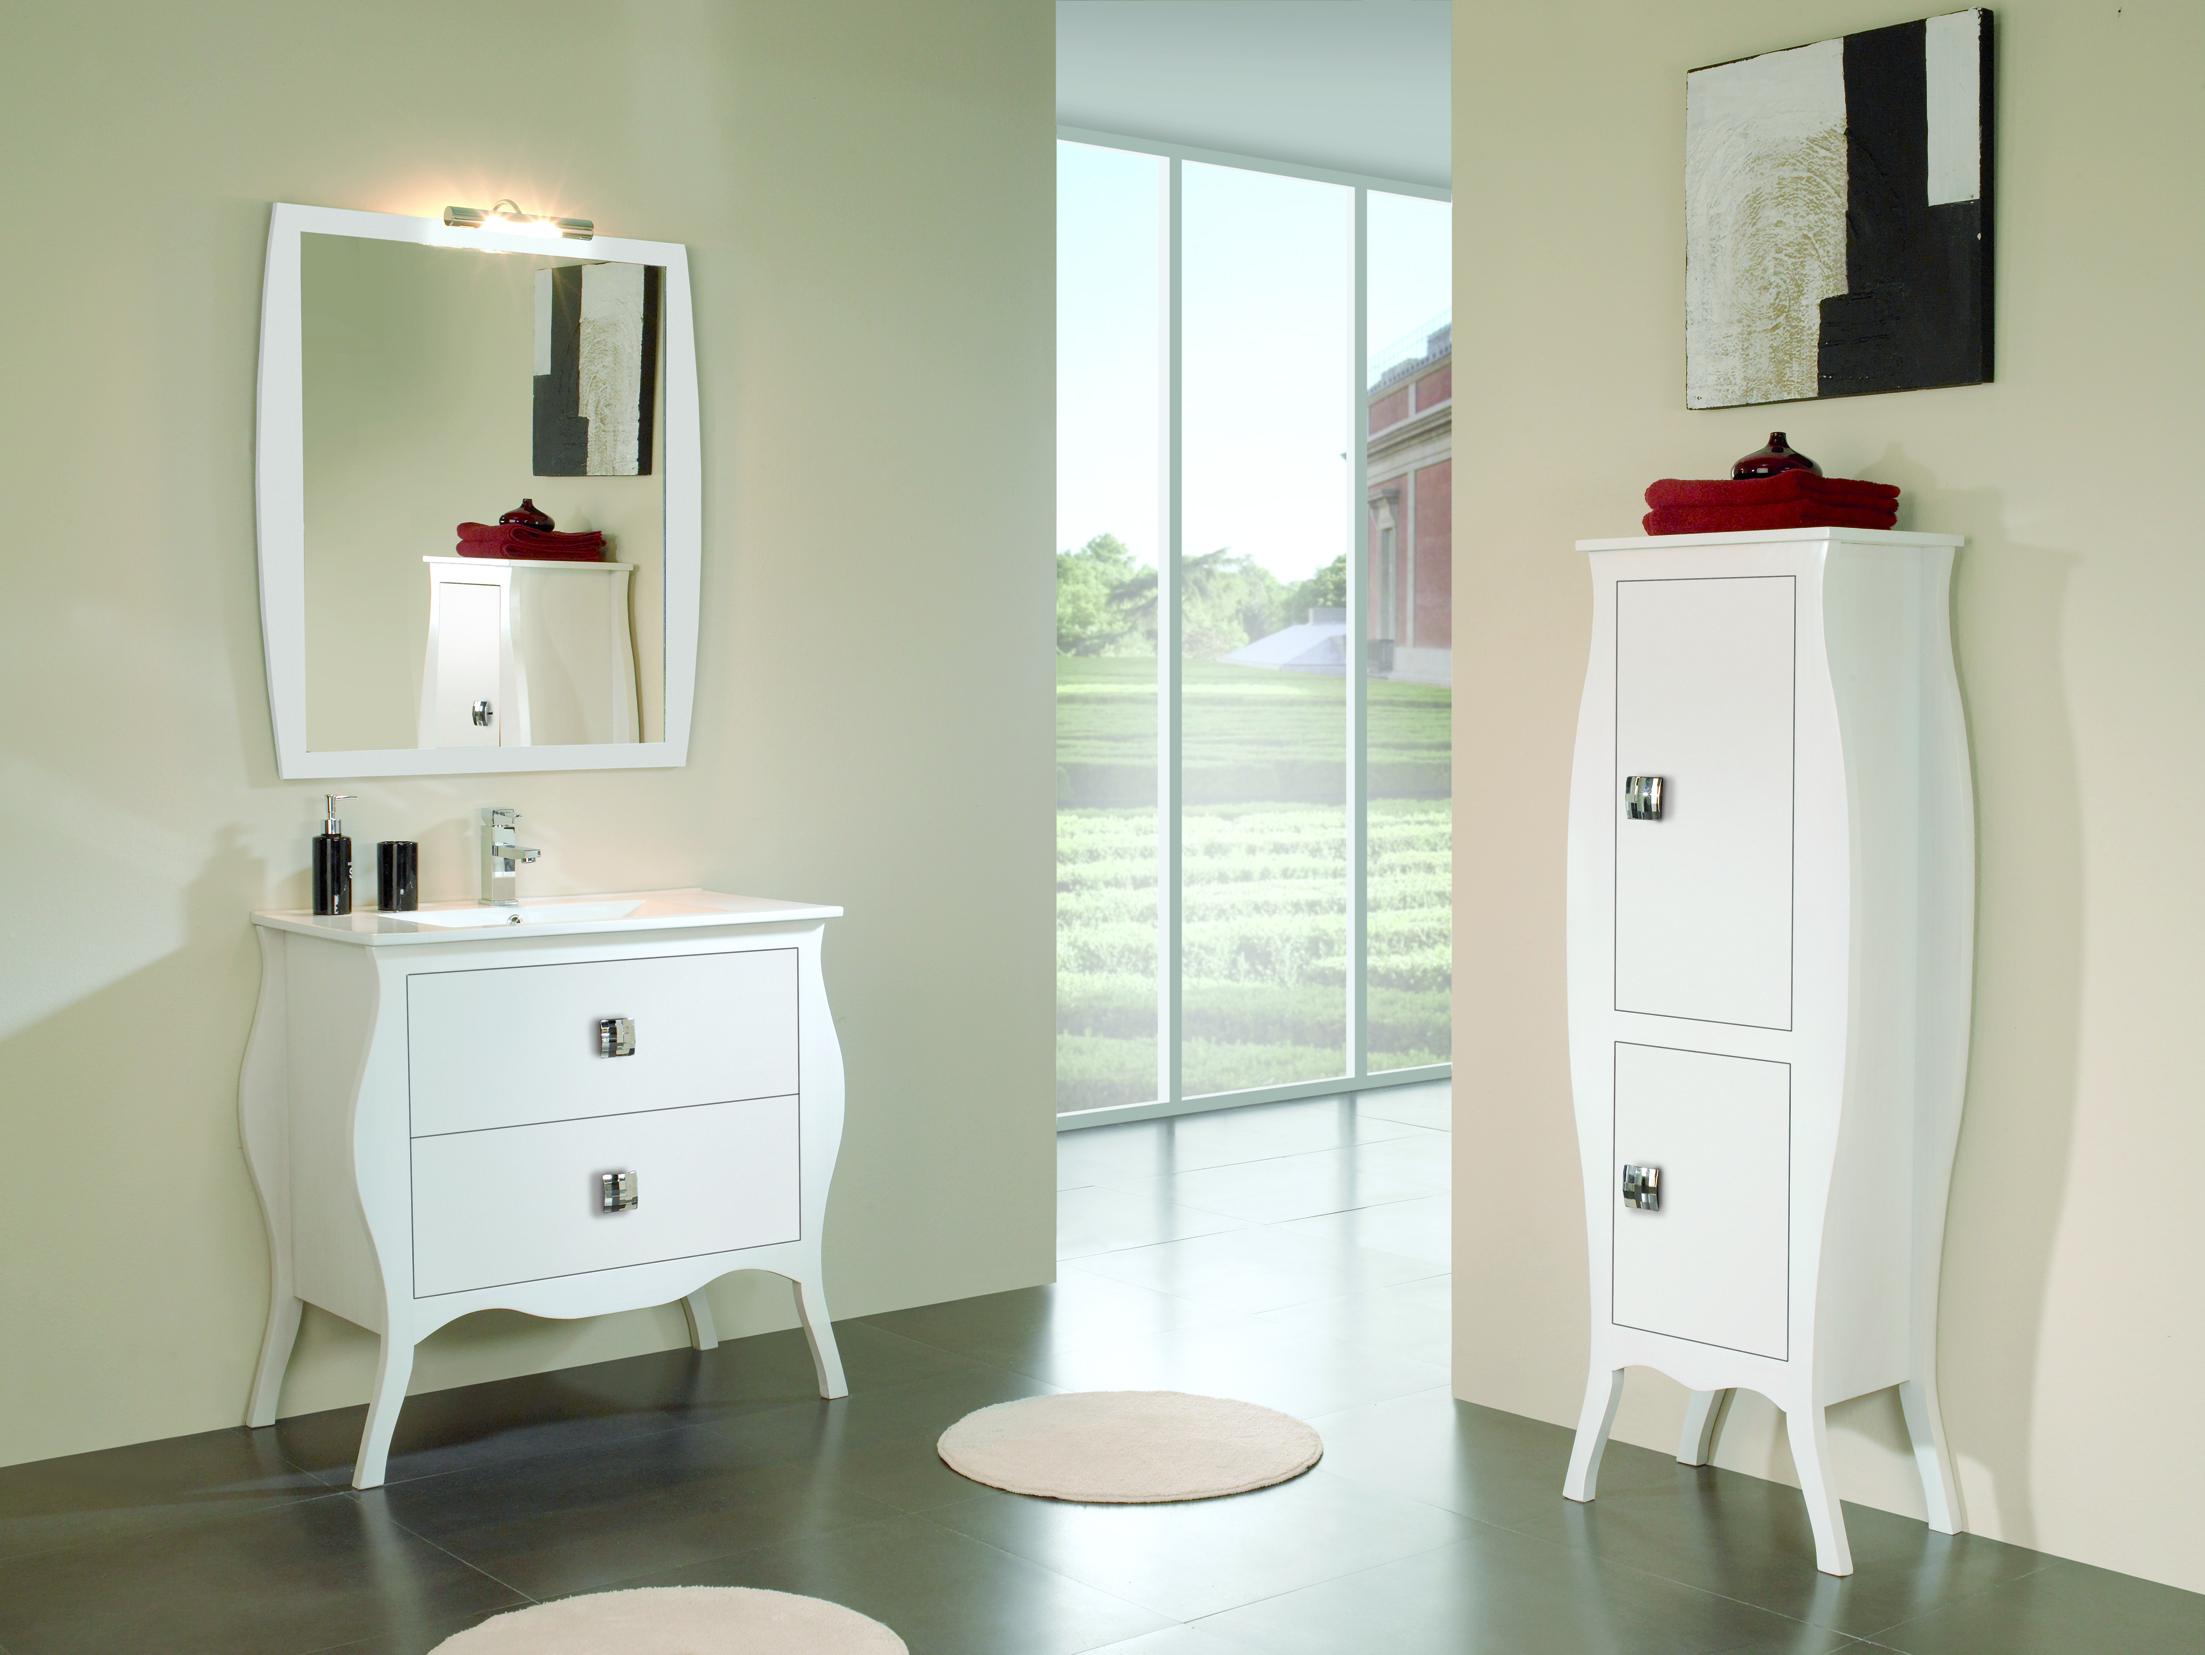 Ba o hogares muebles - Muebles para cuarto de bano ...